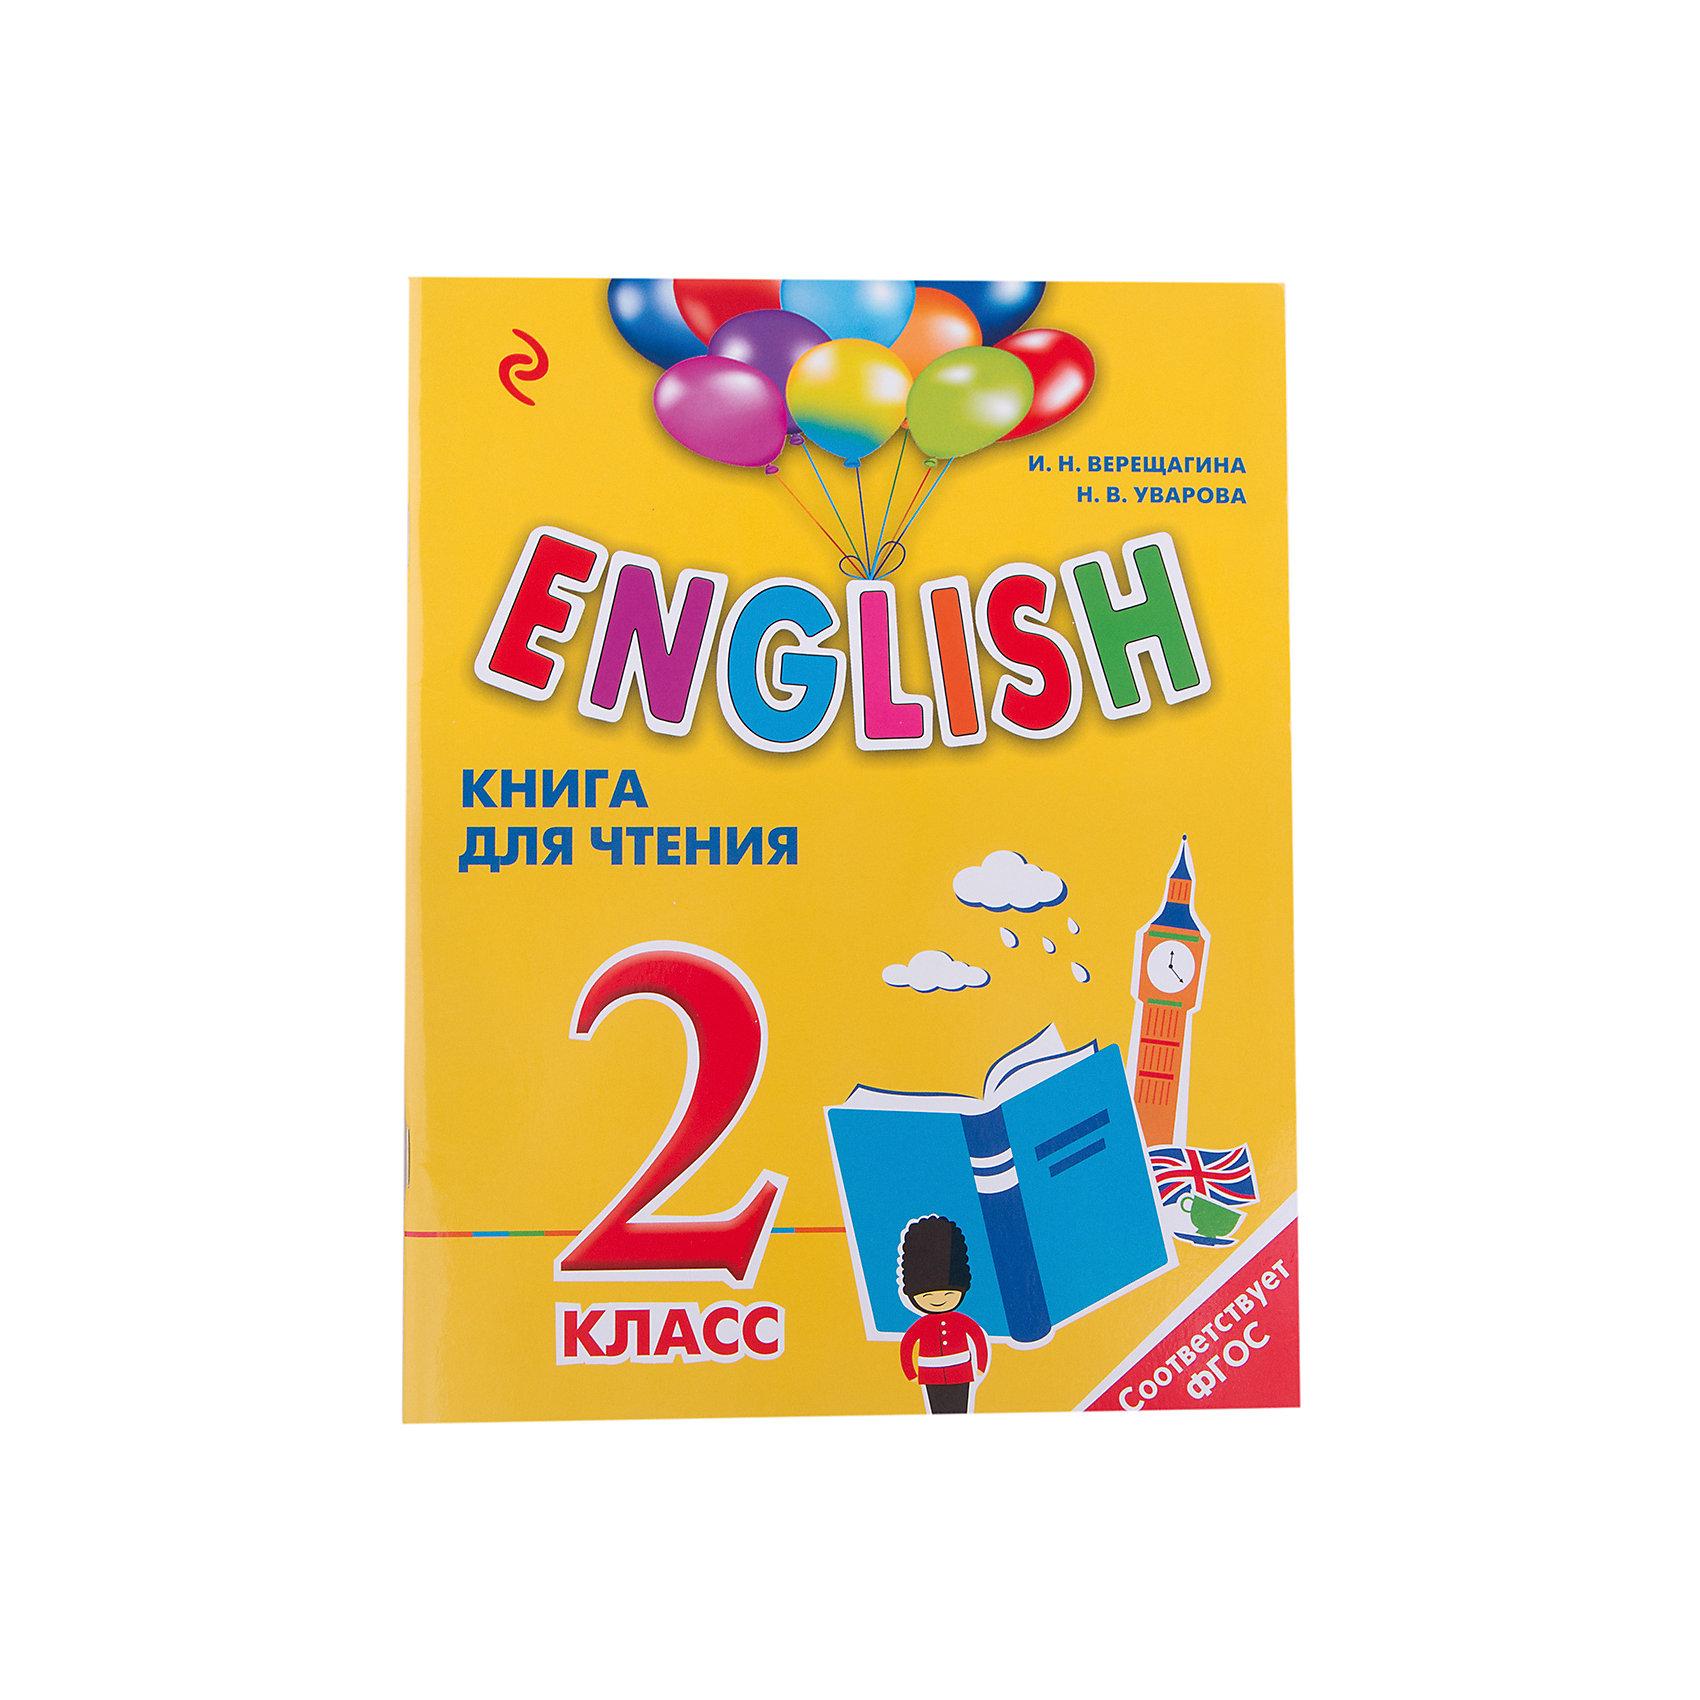 ENGLISH, 2 класс, книга для чтенияИностранный язык<br>Книга для чтения входит в состав учебно-методического комплекта по английскому языку и вместе с учебником, рабочей тетрадью, контрольными заданиями и методическим пособием для взрослых представляет собой начальный курс английского языка для учащихся 2-го класса общеобразовательных учреждений.<br>Книга для чтения специально подготовлена для развития навыков чтения; интересные тексты и многочисленные разнообразные задания направлены на совершенствование техники чтения, а также способствуют развитию навыков чтения с общим охватом содержания и чтения с детальным пониманием прочитанного. <br>Книга для чтения предназначена для младших школьников, изучающих английский язык с преподавателем или репетитором, а также дома с родителями.<br><br>Ширина мм: 270<br>Глубина мм: 210<br>Высота мм: 10<br>Вес г: 191<br>Возраст от месяцев: 72<br>Возраст до месяцев: 96<br>Пол: Унисекс<br>Возраст: Детский<br>SKU: 6878174